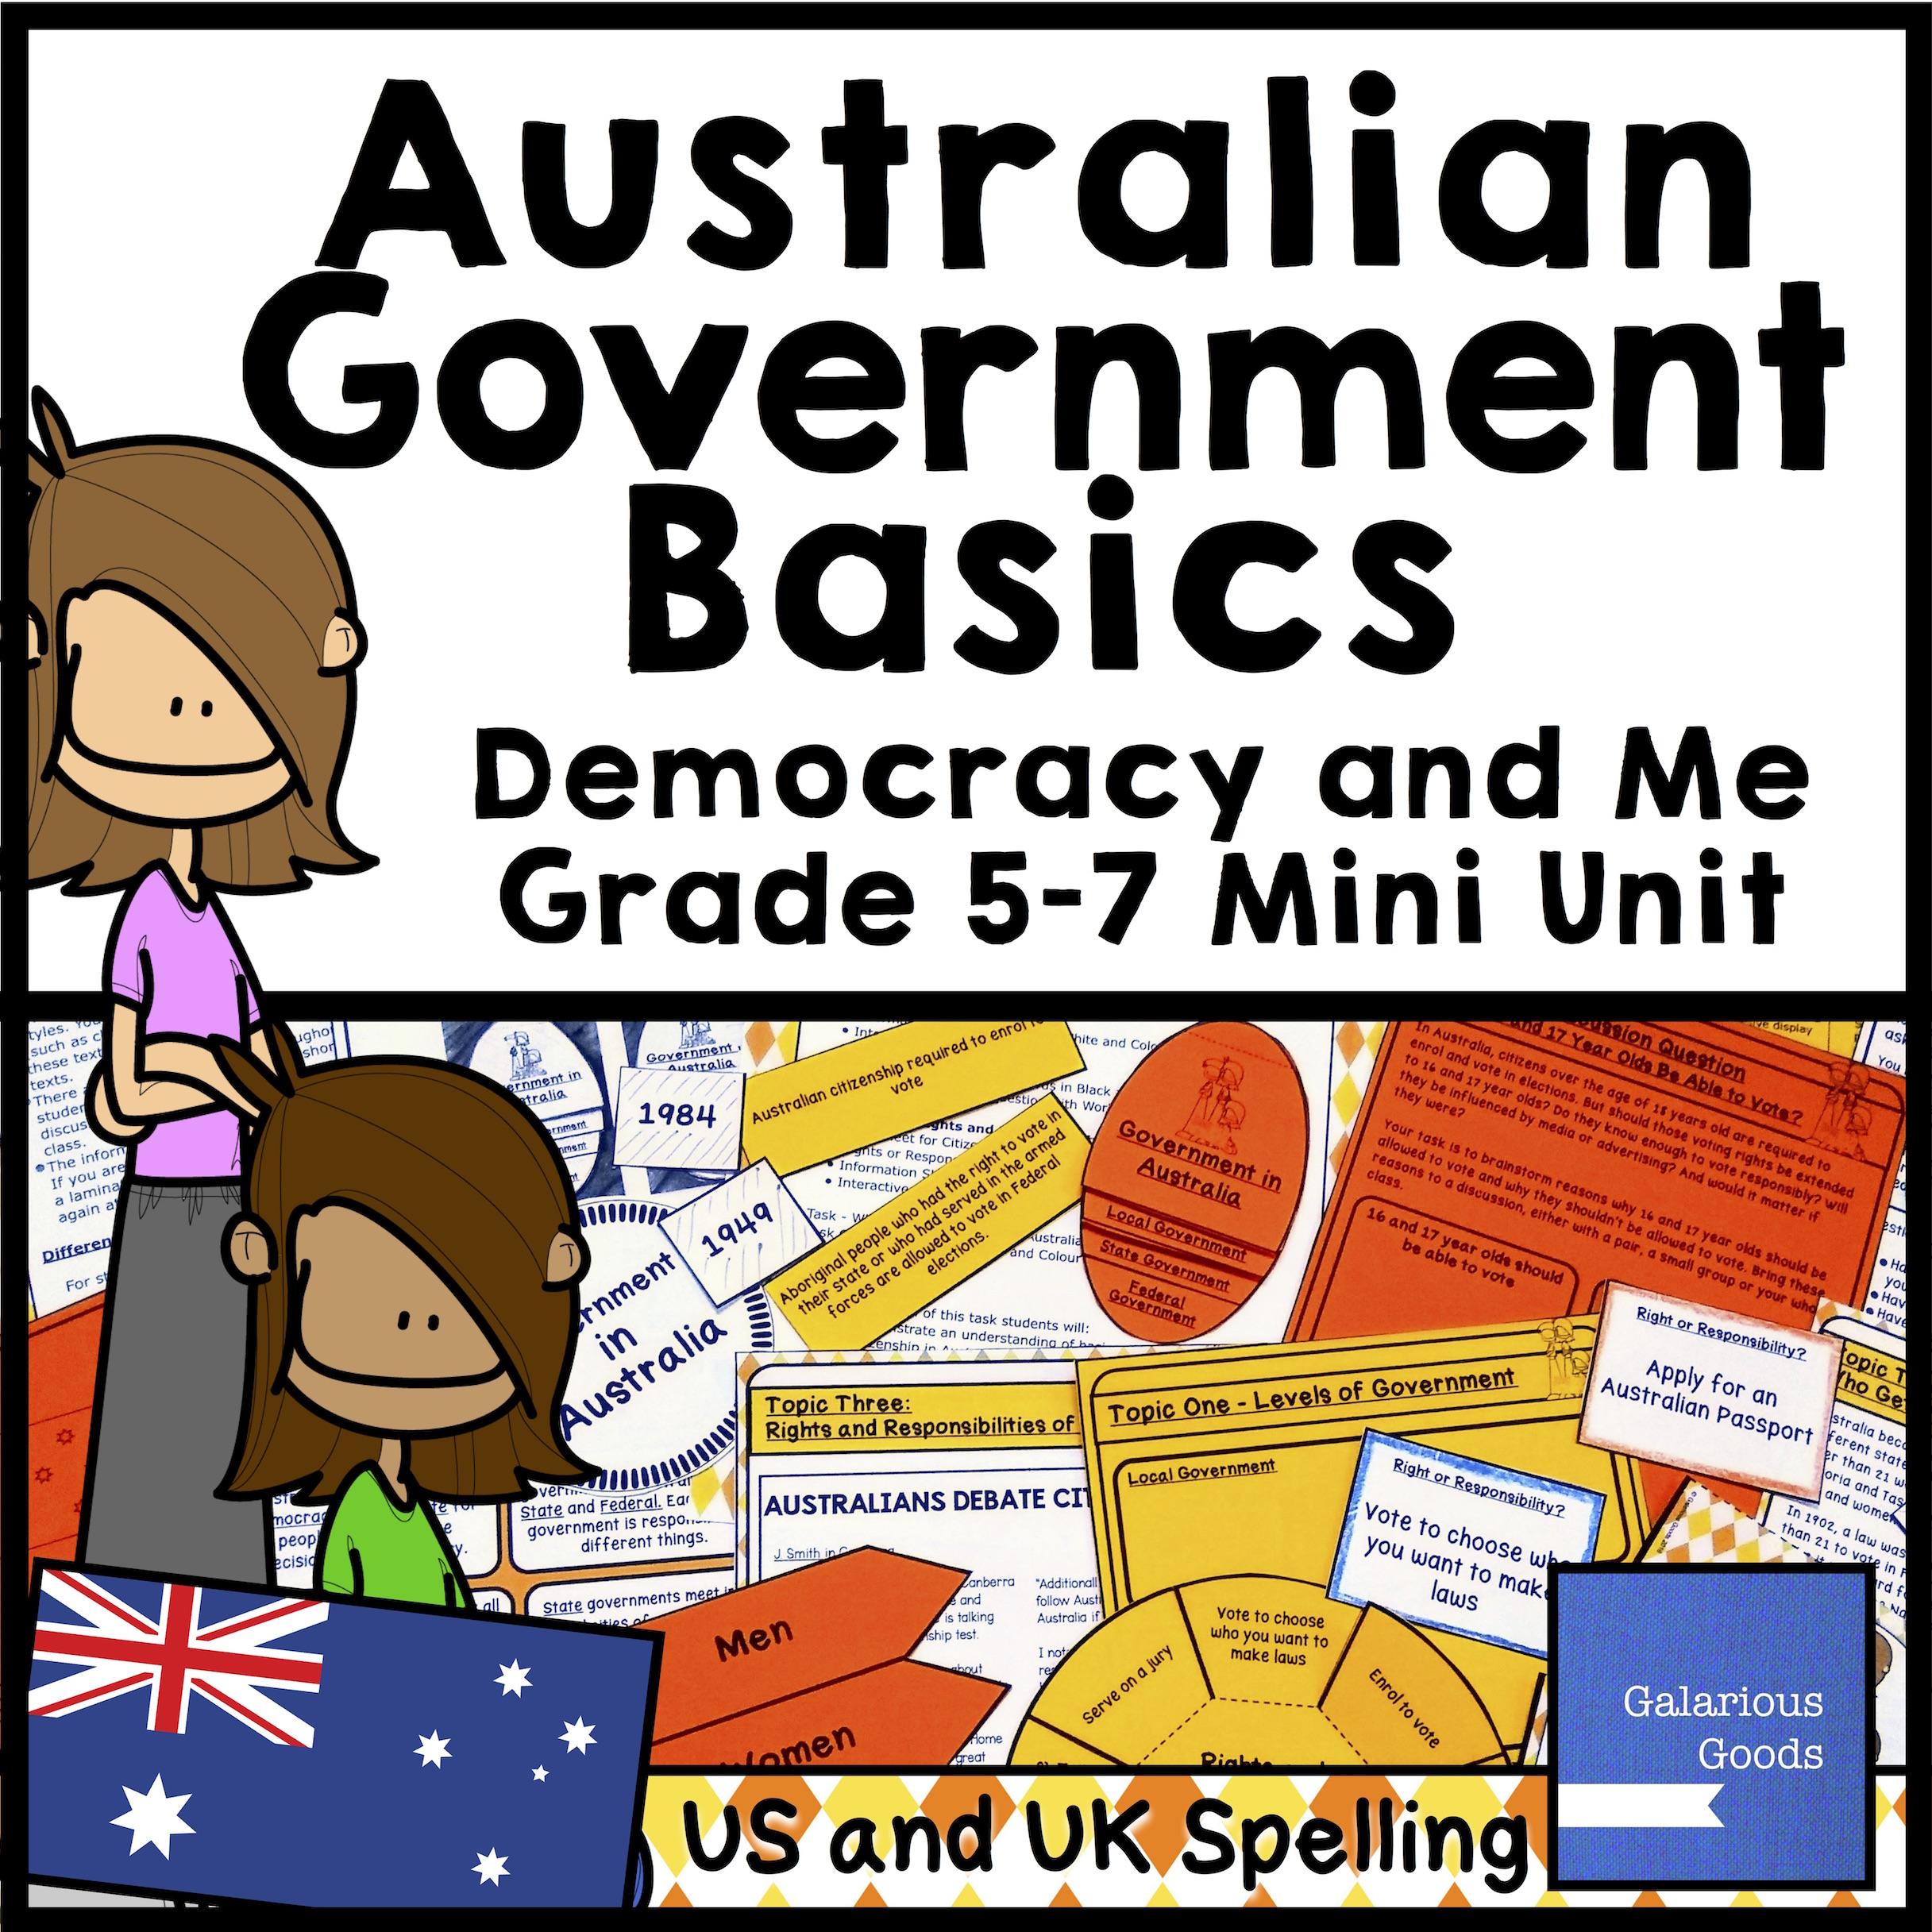 cover aust govt basics.jpg